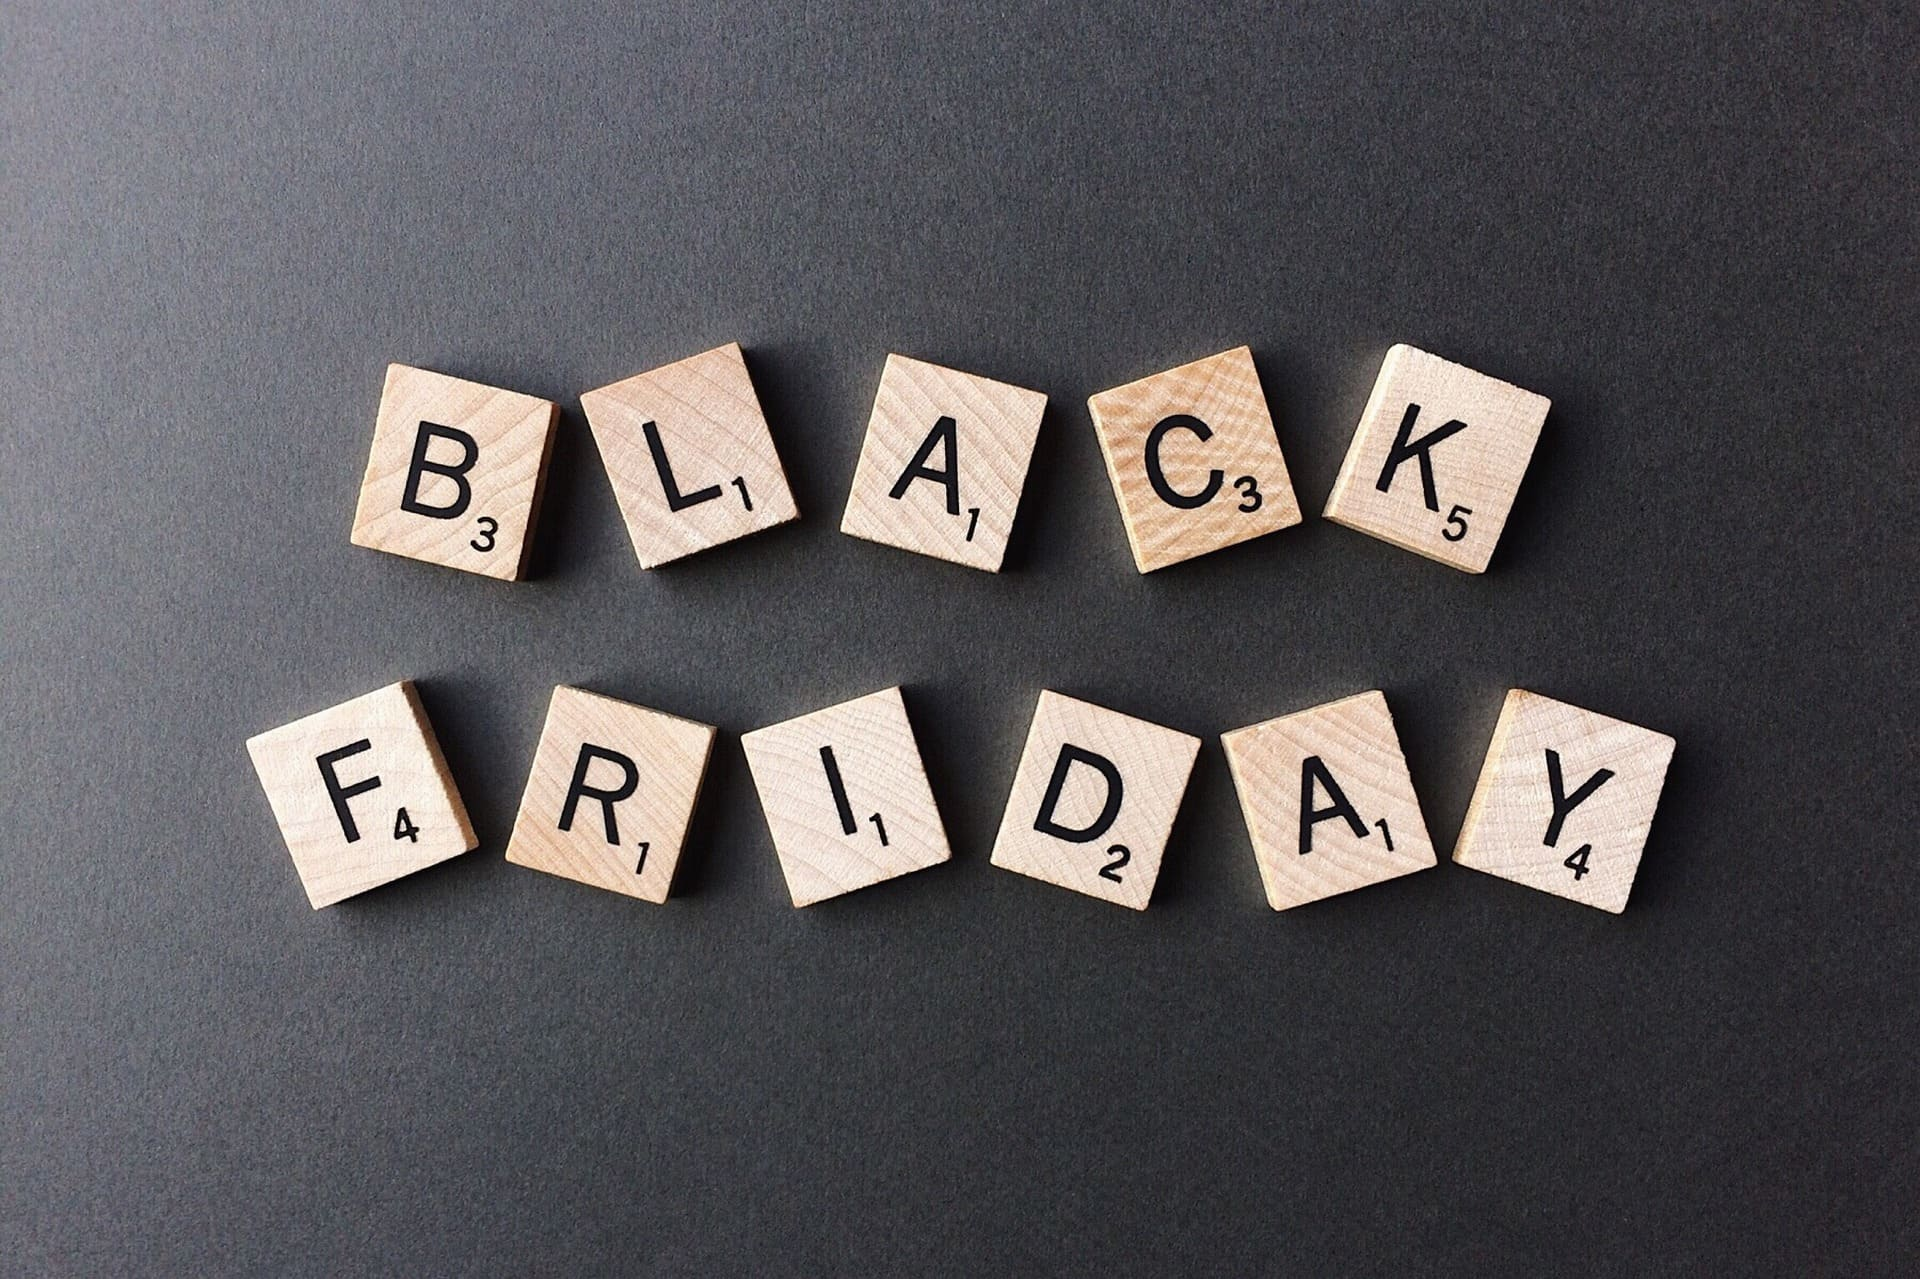 Comprar en Black Friday de forma segura